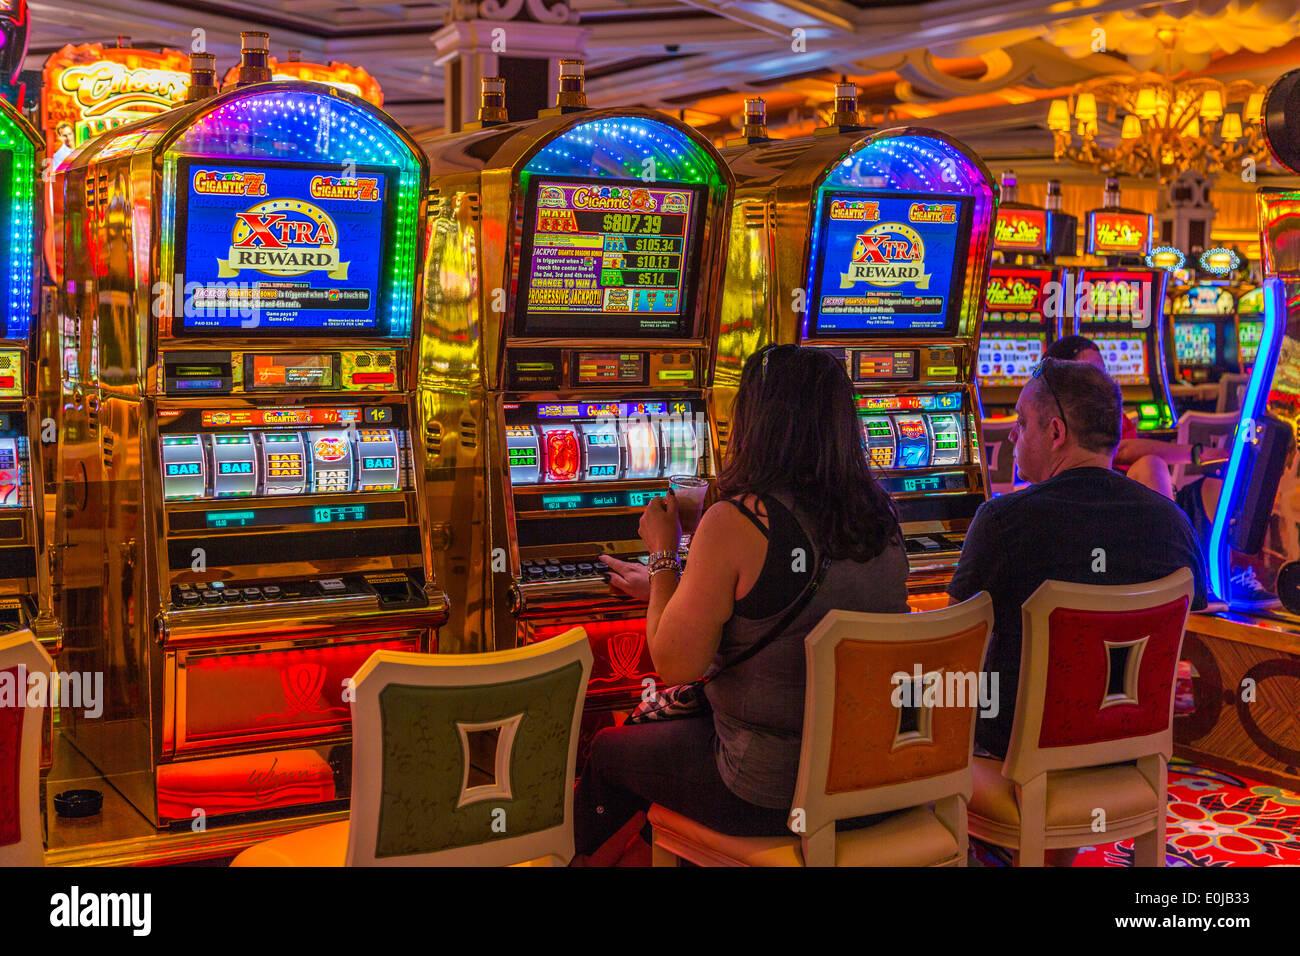 Wynn las vegas slot machines